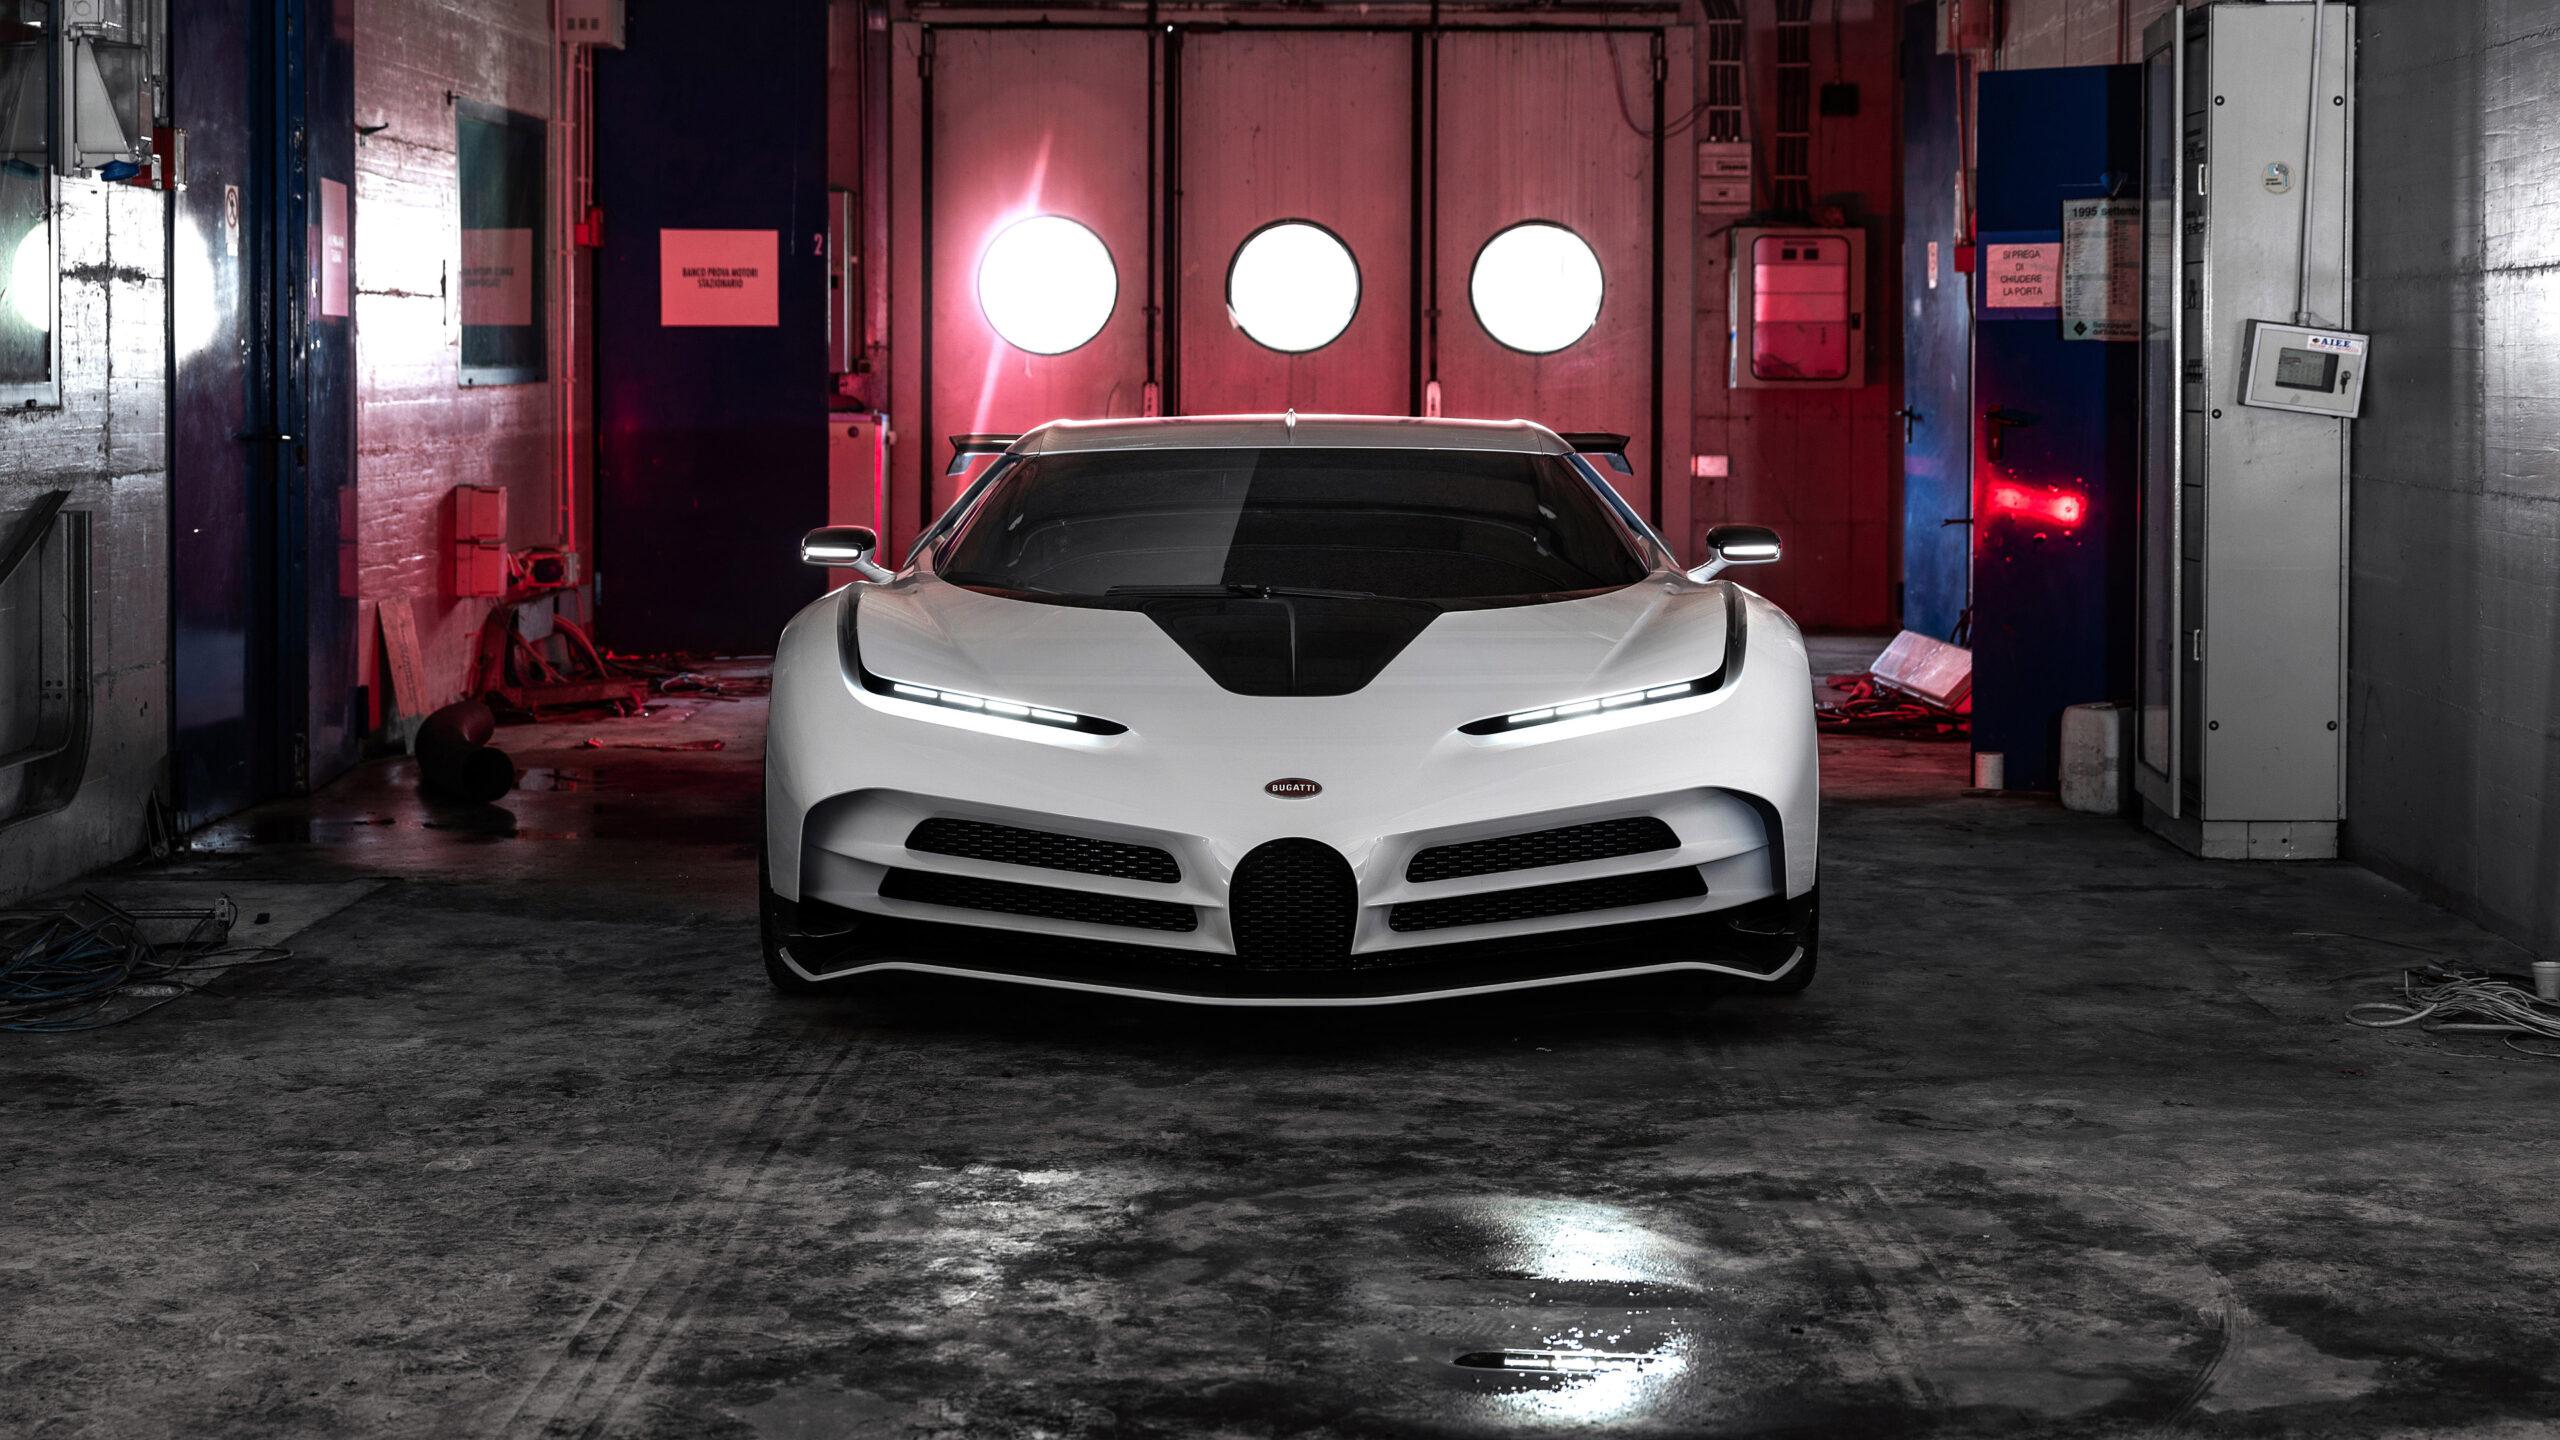 2020 Bugatti Centodieci Wallpapers